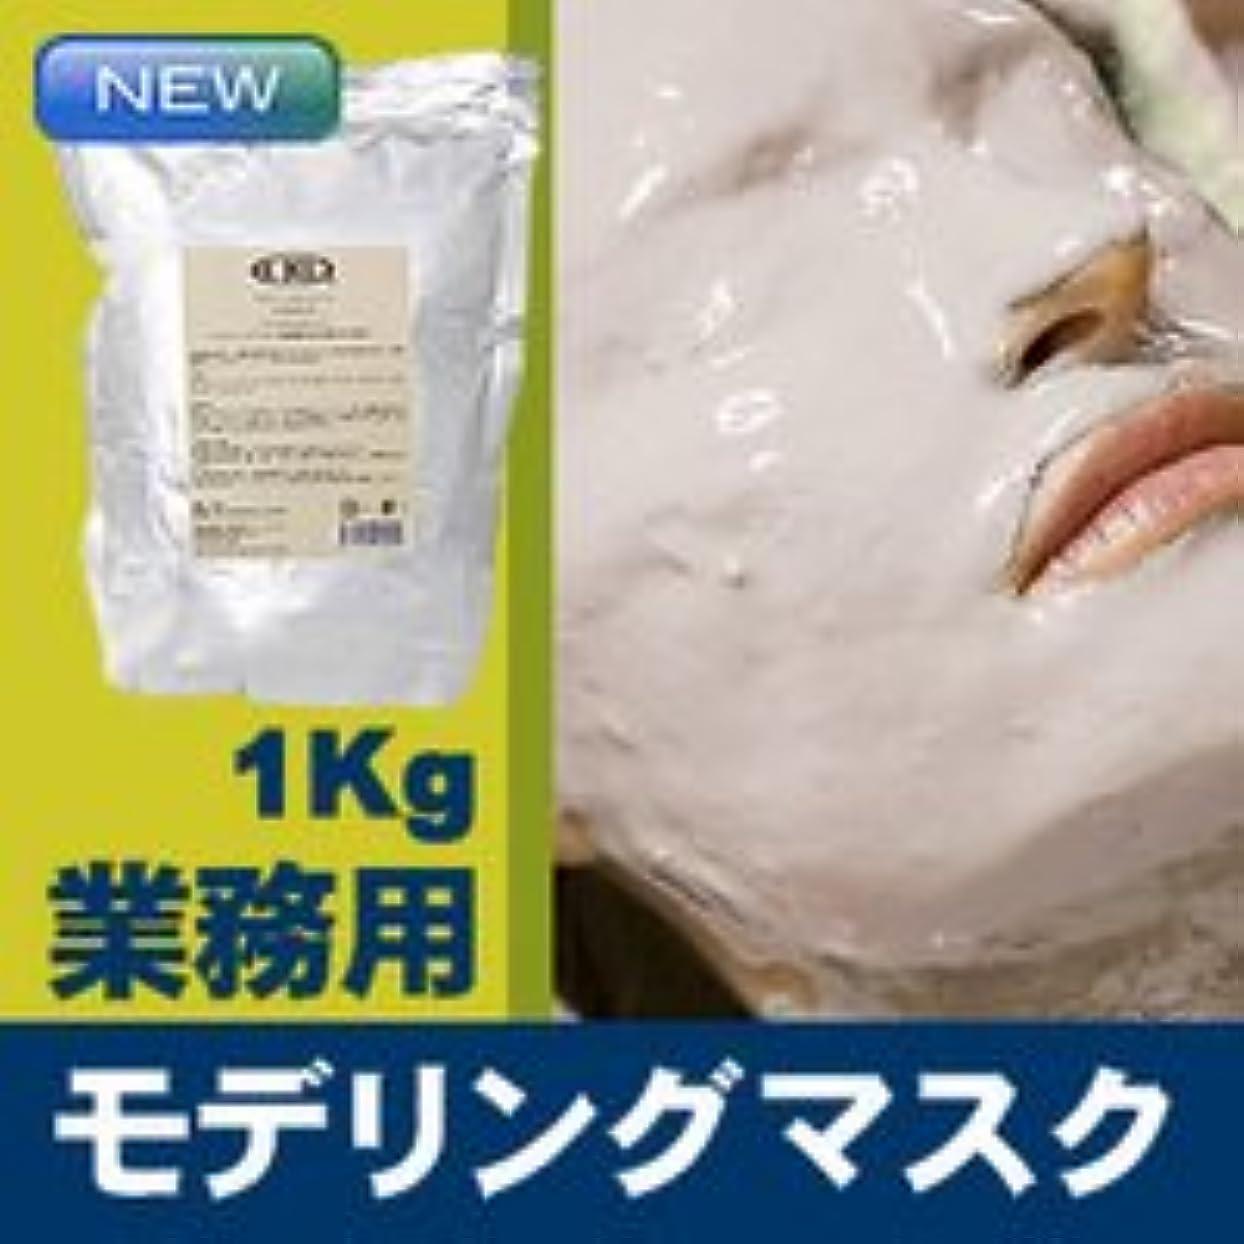 きれいにフラフープ抑制モデリングマスク 1Kg ビタミンC配合(ゴールデンオレンジ) / フェイスマスク?パック 【ピールオフマスク】